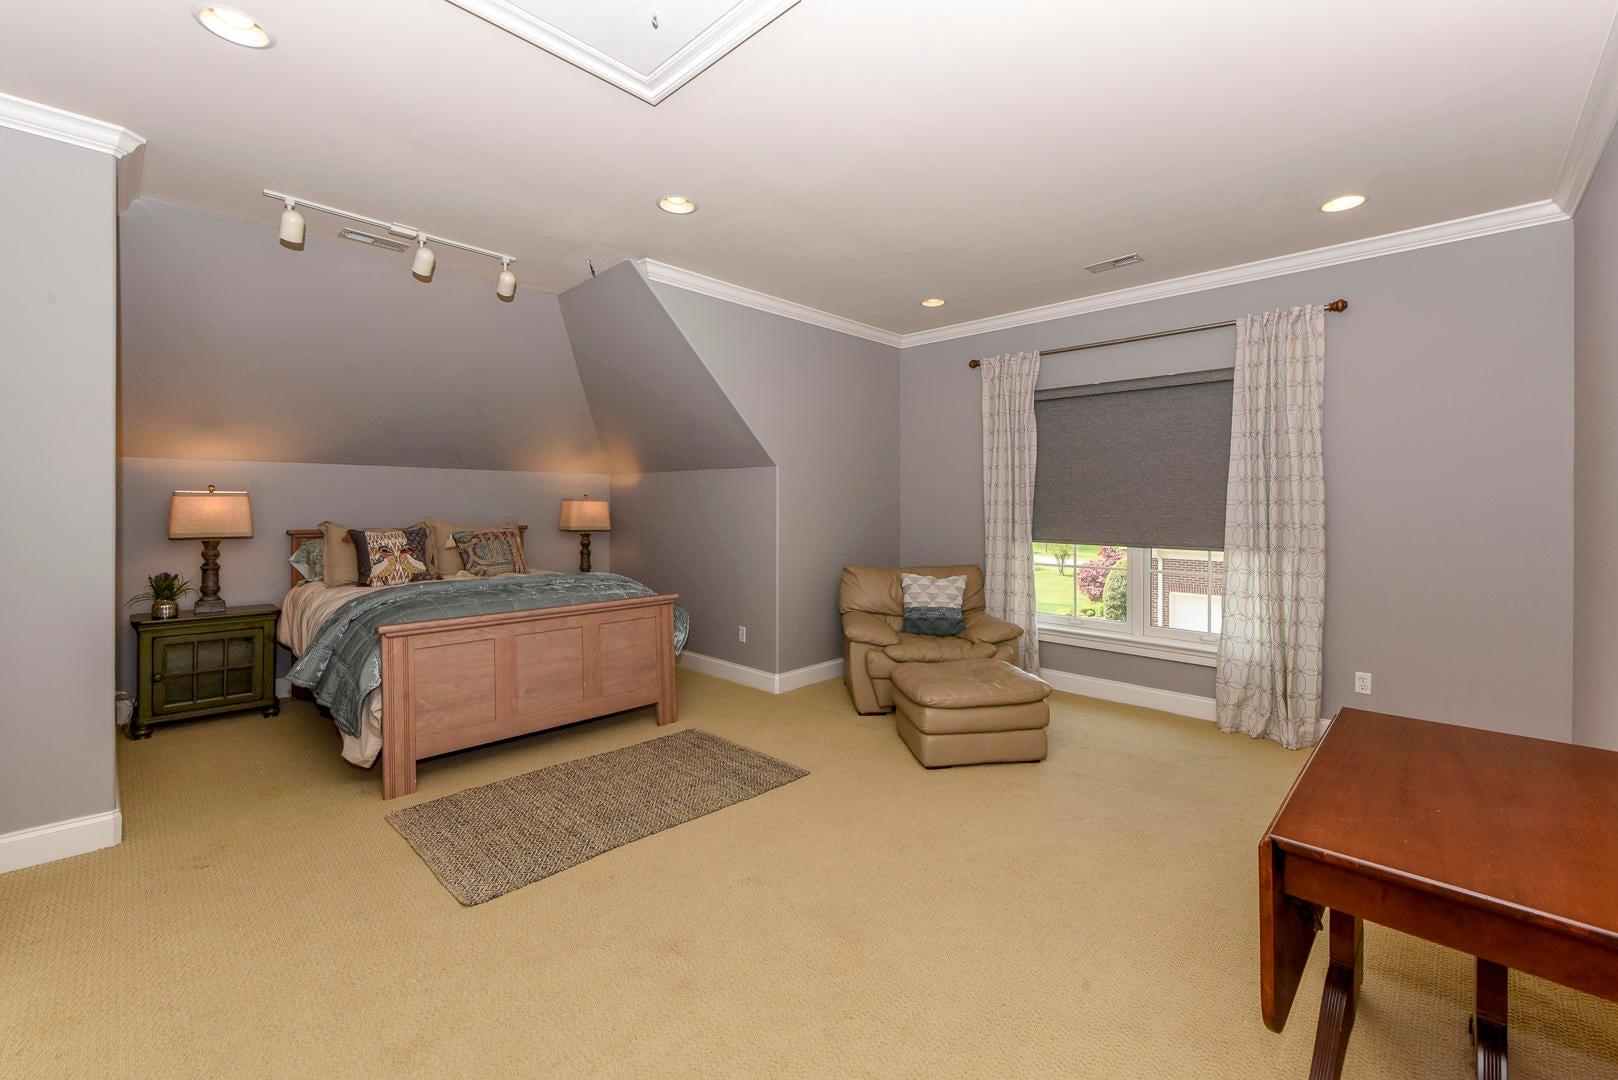 Bedroom 5/Upstairs Bonus